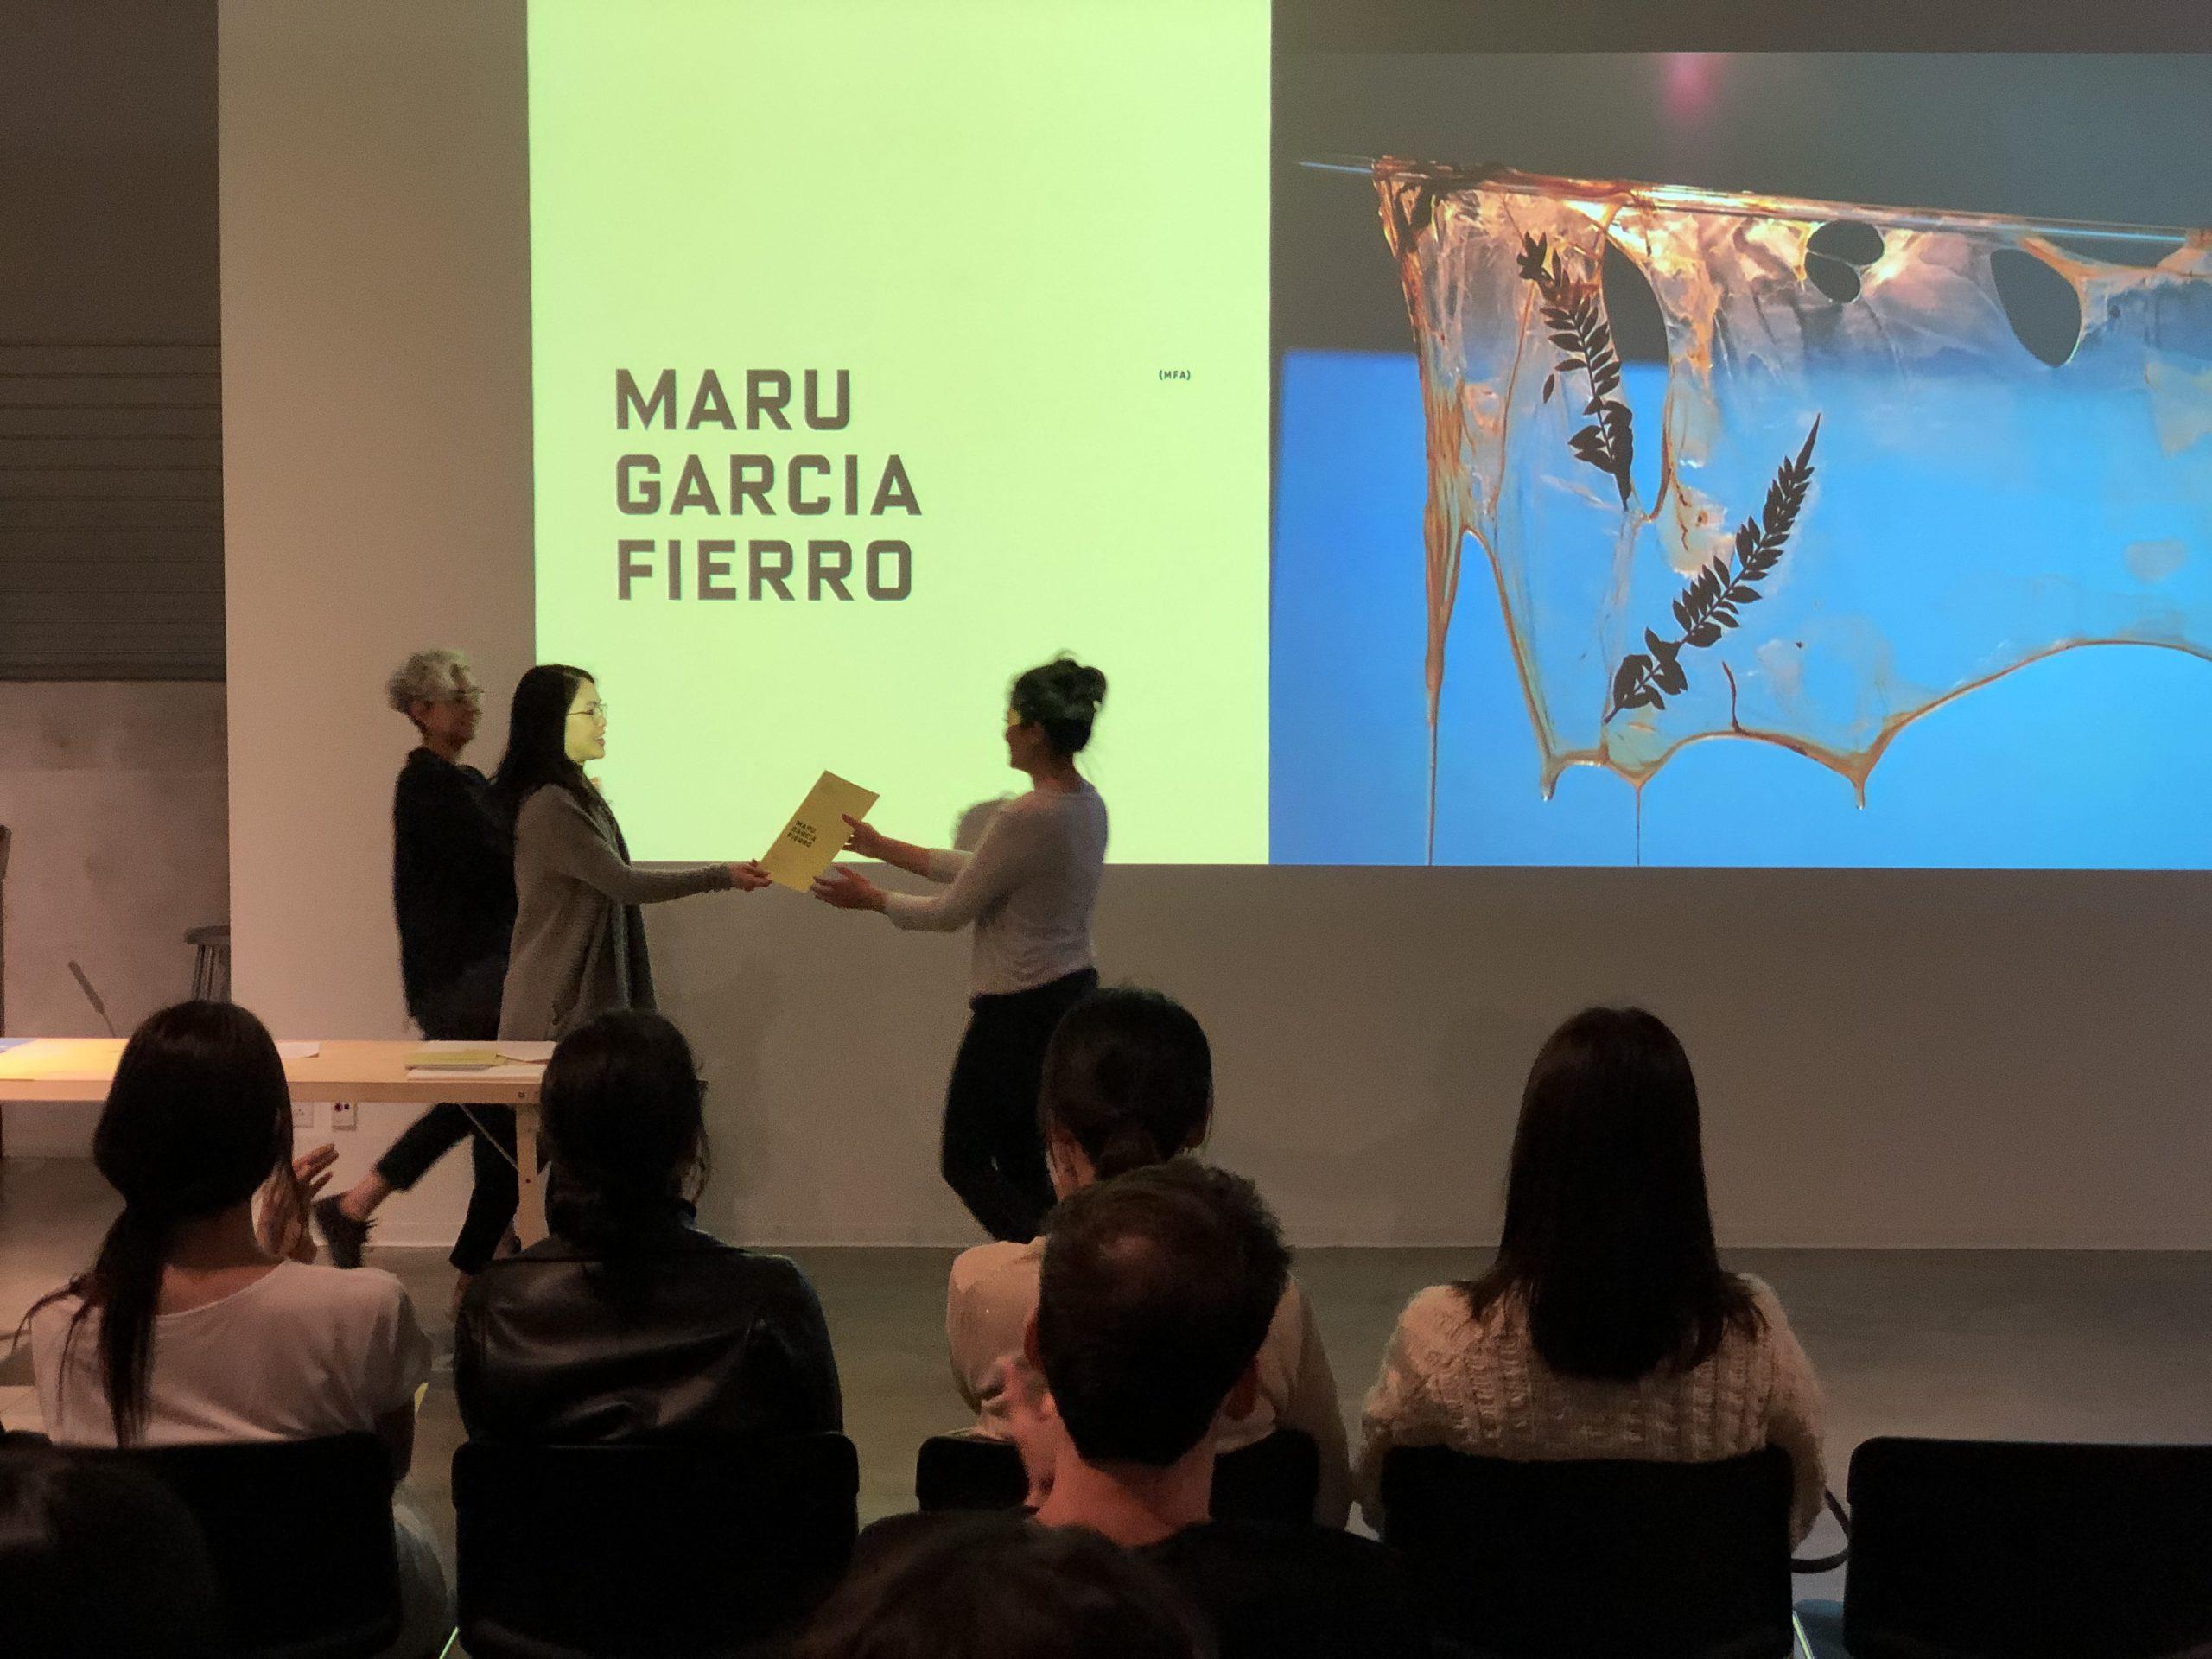 DMA Scholarship Reception 2019-2020, Maru Garcia Fierro